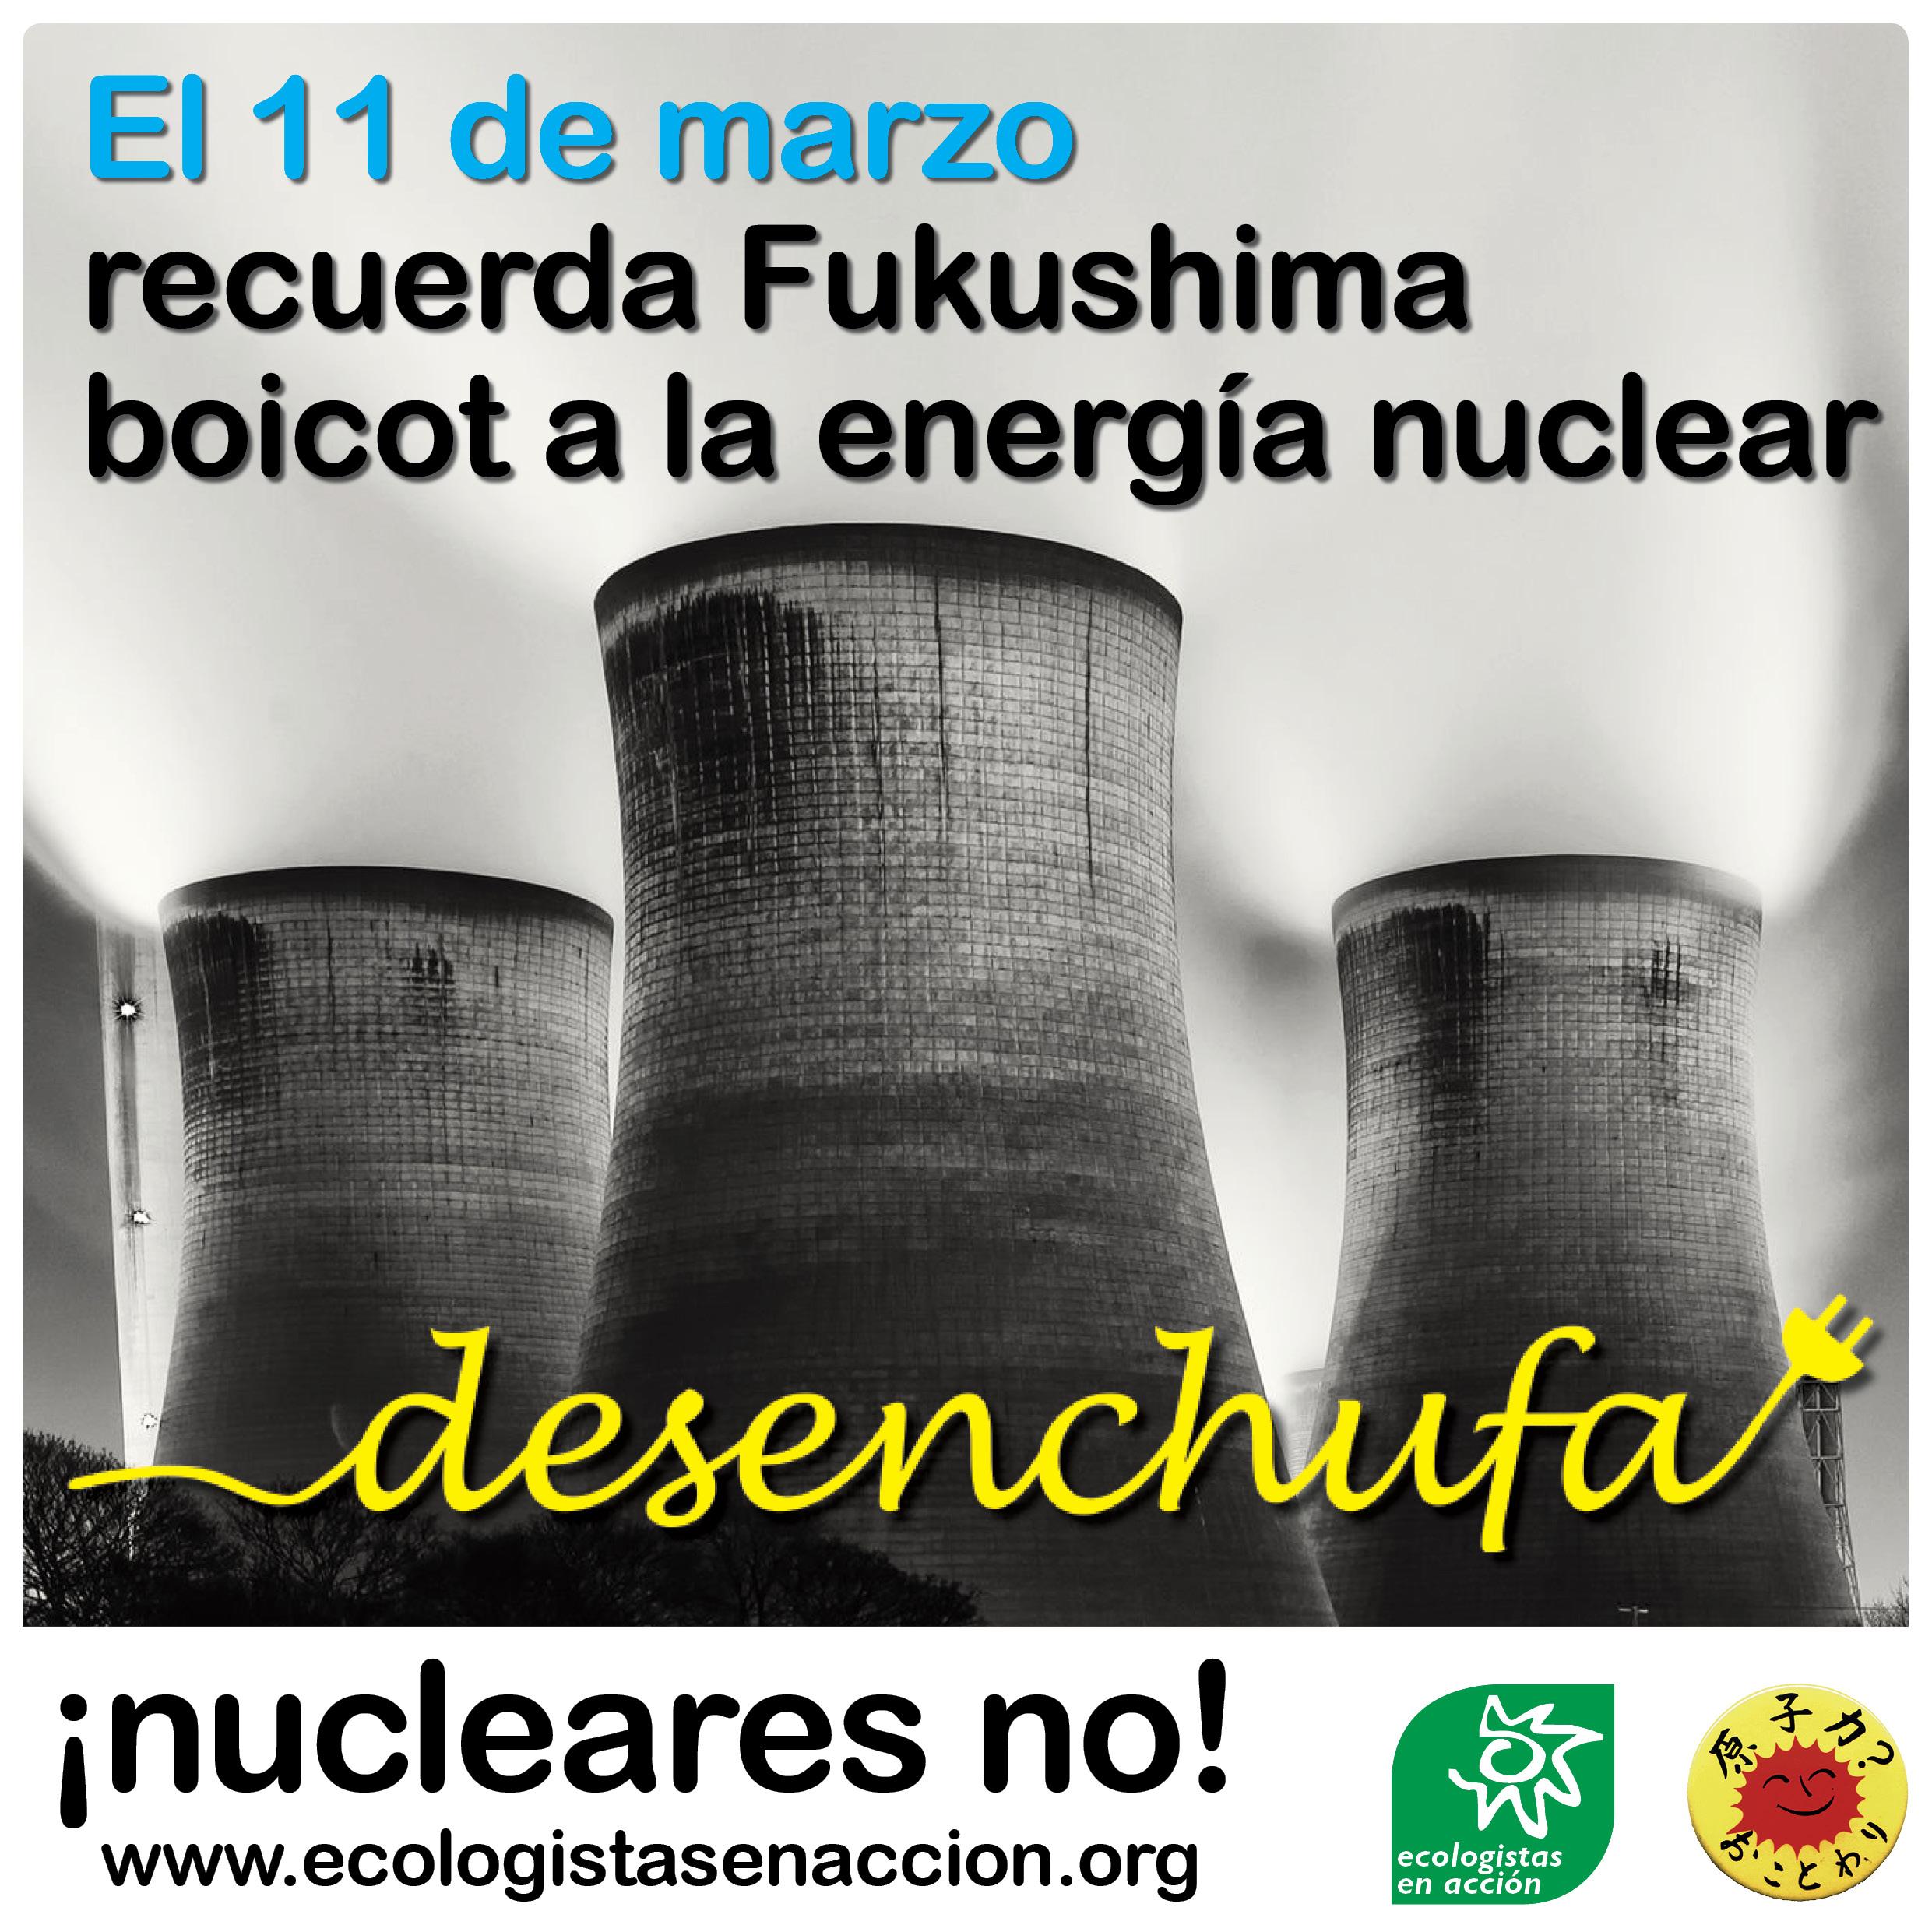 Recuerda Fukushima